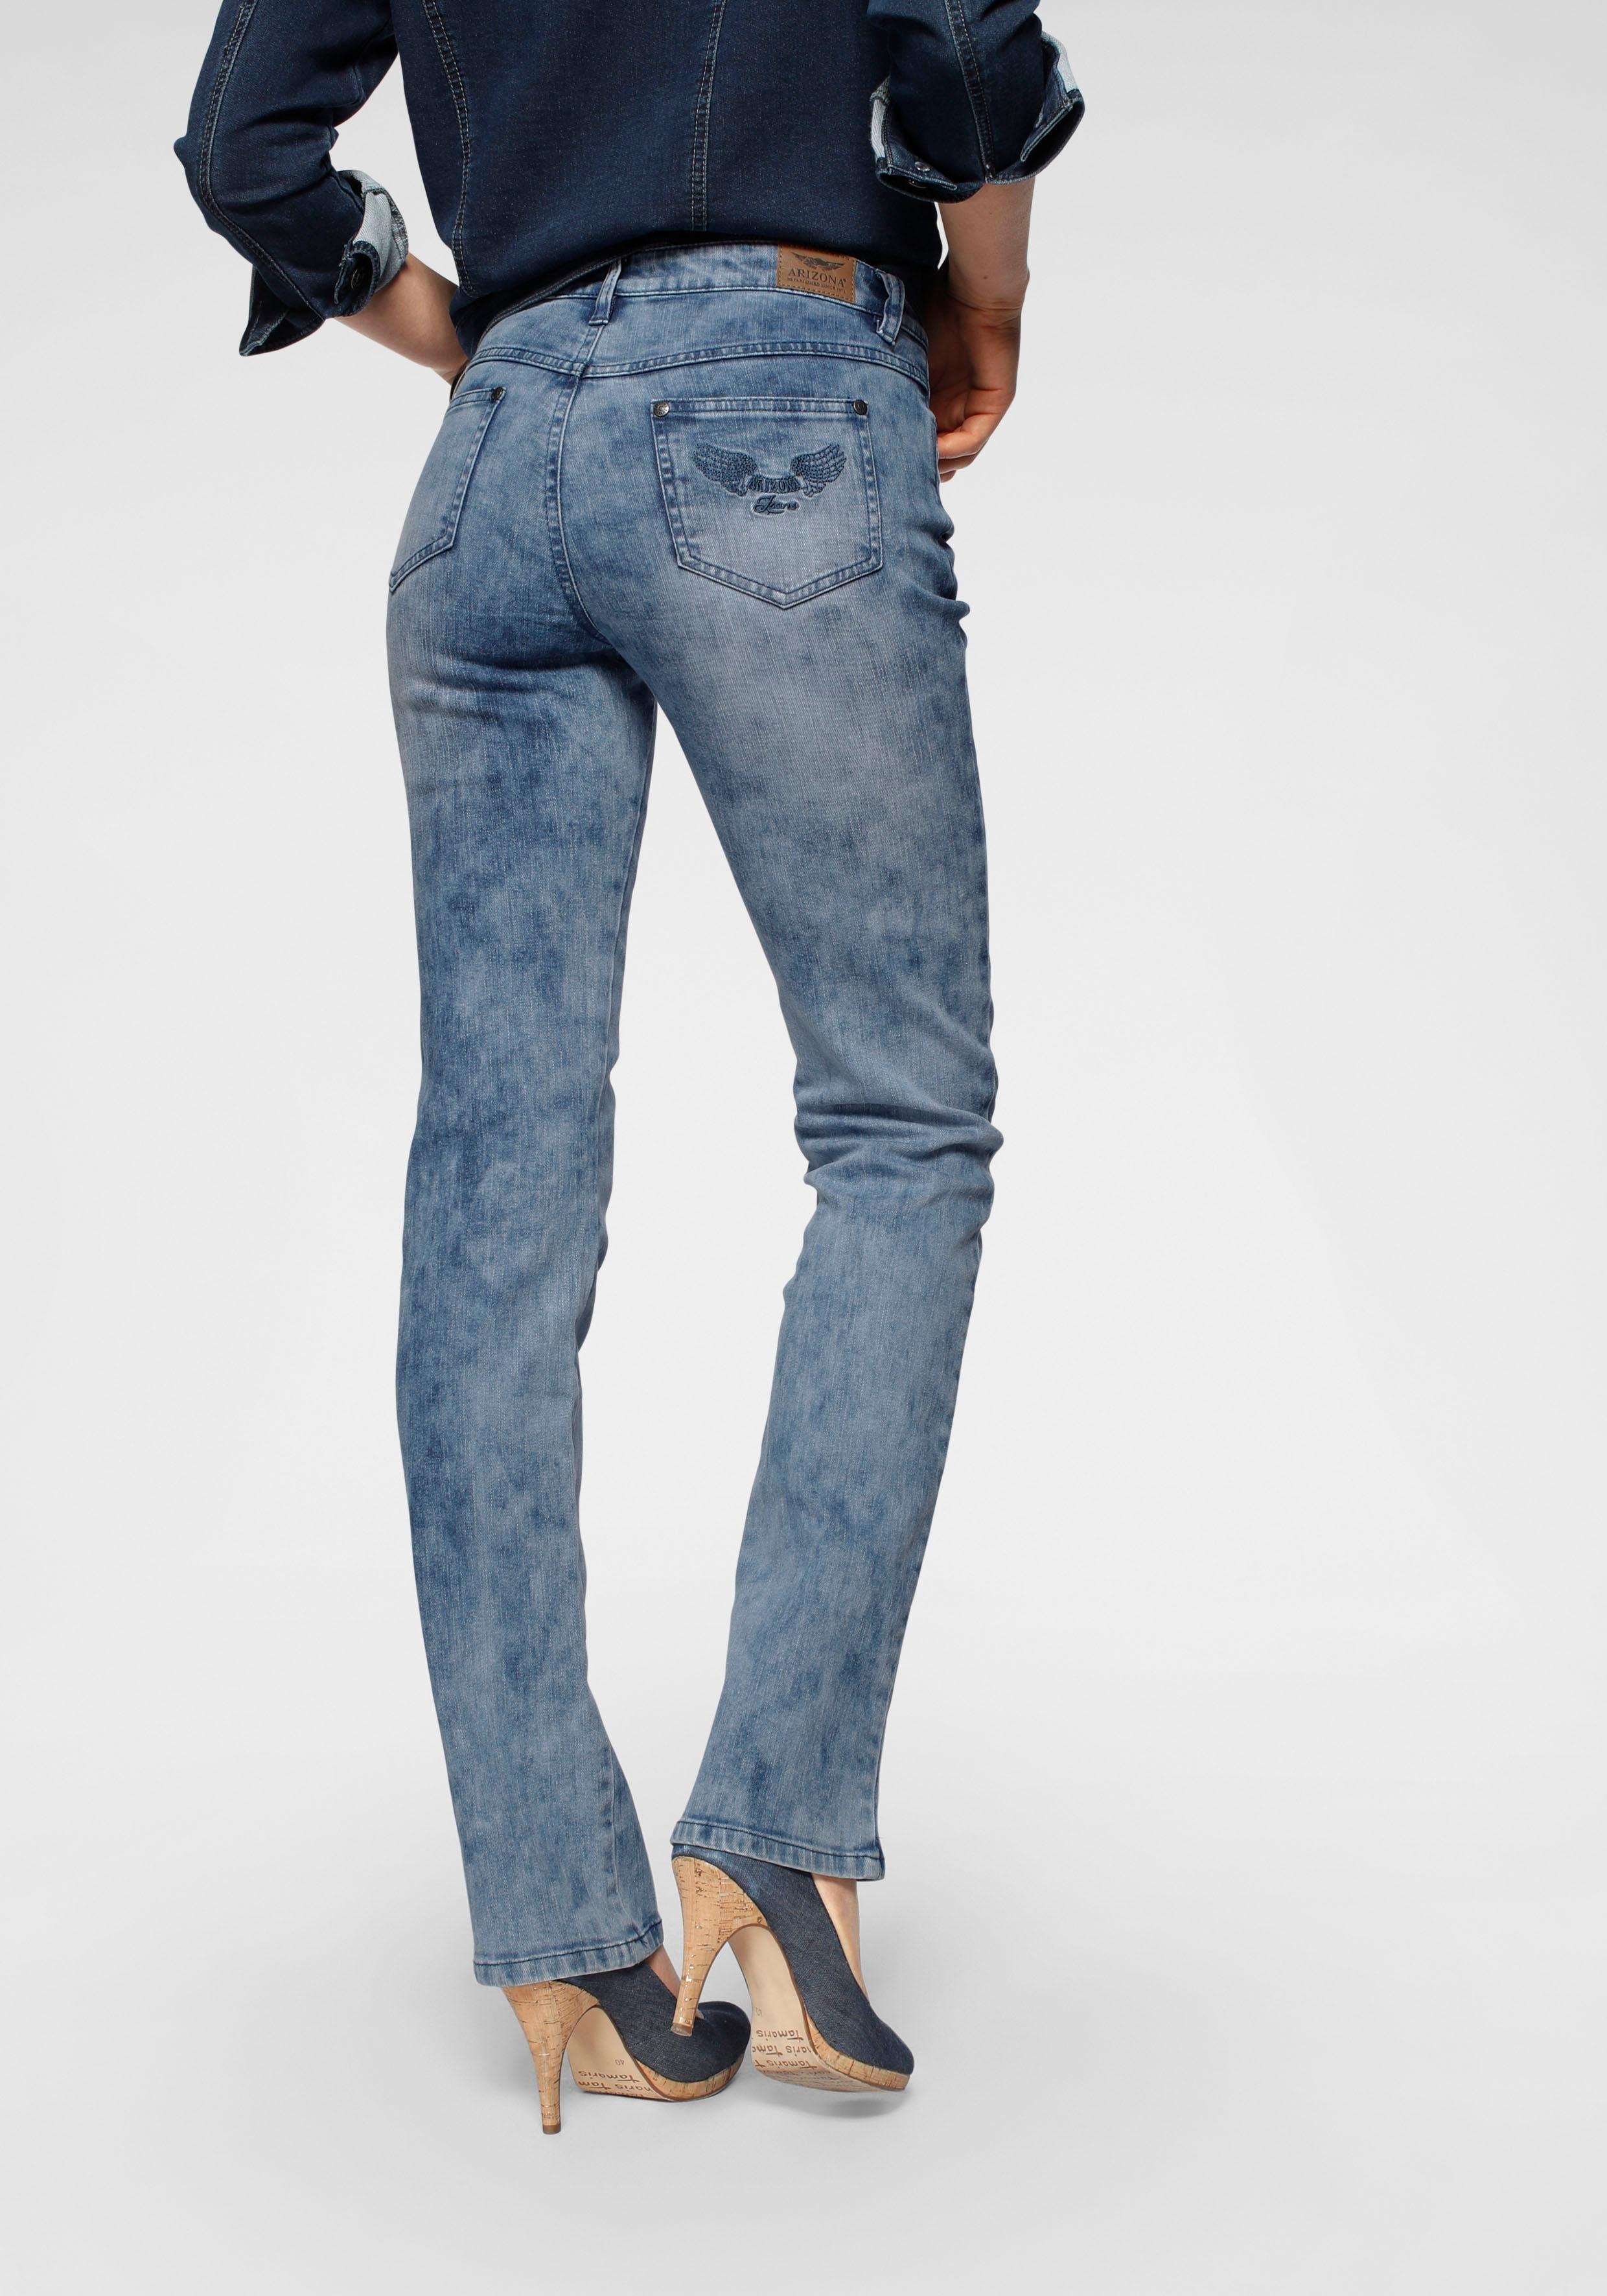 ARIZONA rechte jeans »Comfort-Fit« - gratis ruilen op otto.nl